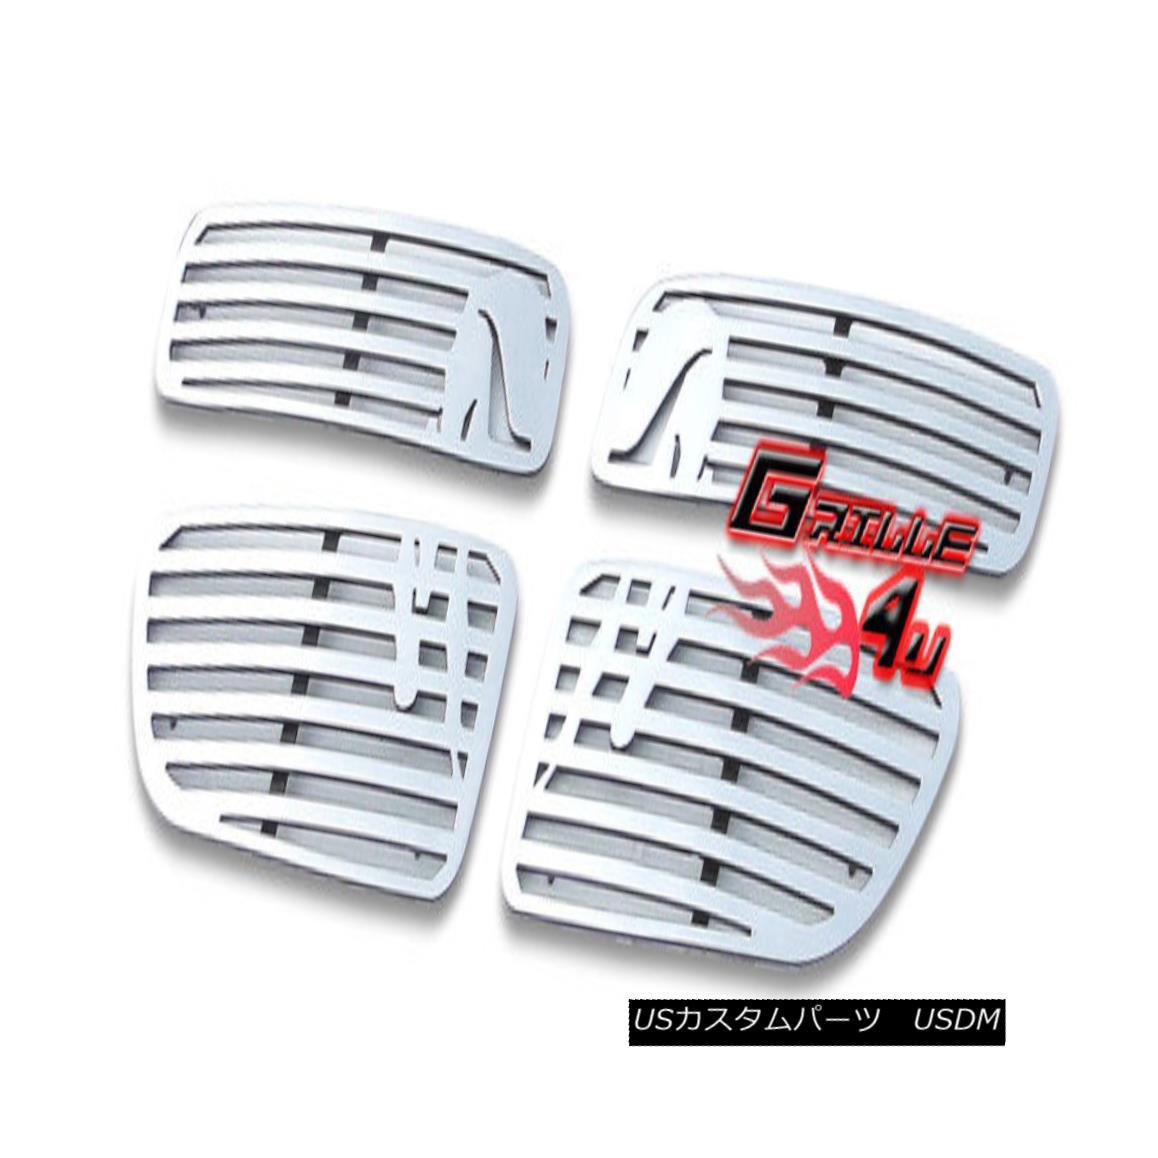 グリル Customized For 01-03 Dodge Stratus Symbolic Premium Grille Insert 01-03 Dodge Stratusシンボリックプレミアムグリルインサート用にカスタマイズ